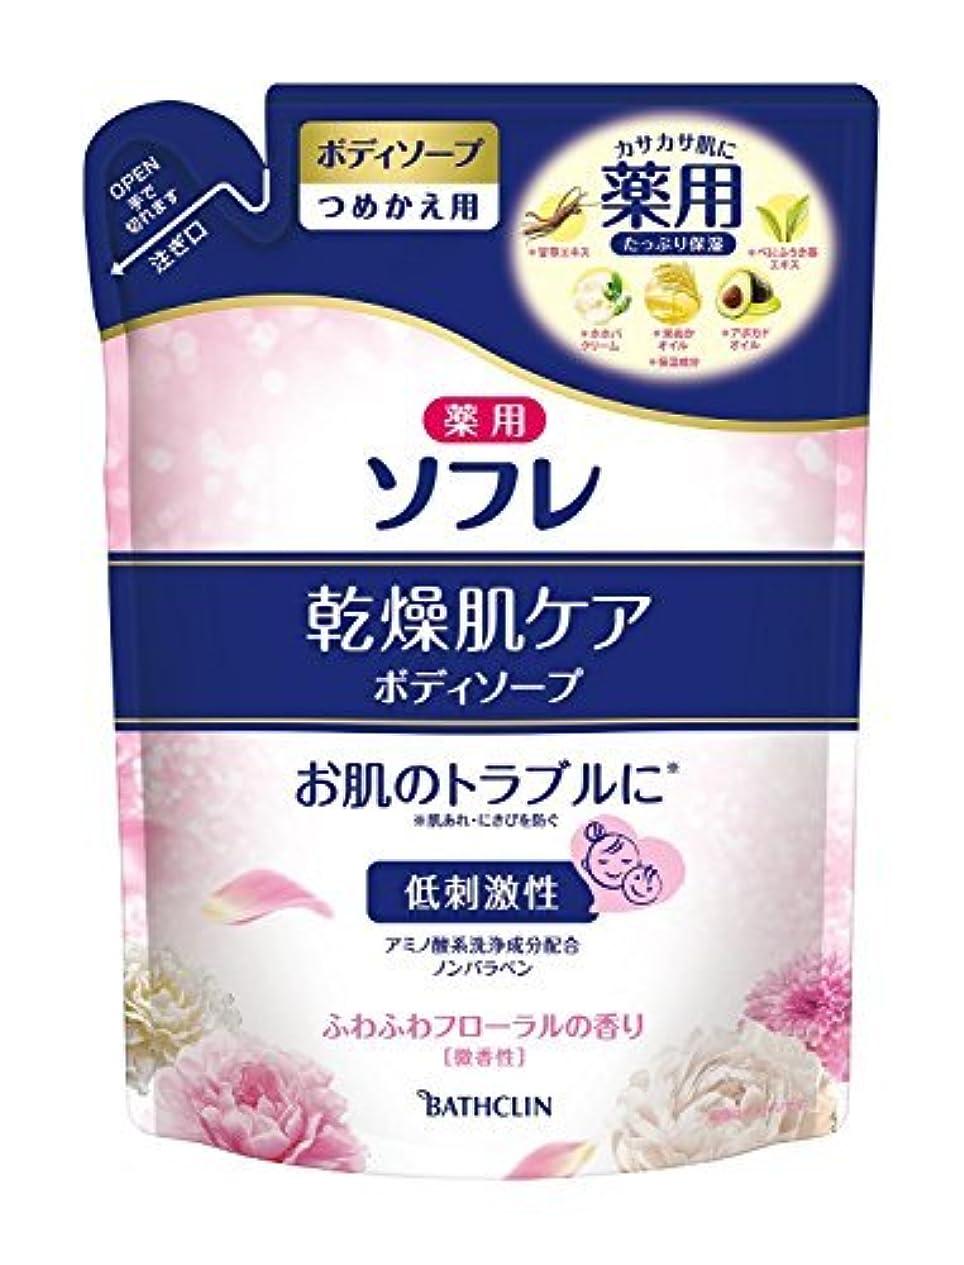 褐色シュガー移植薬用ソフレ 乾燥肌ケアボディ詰替 × 12個セット